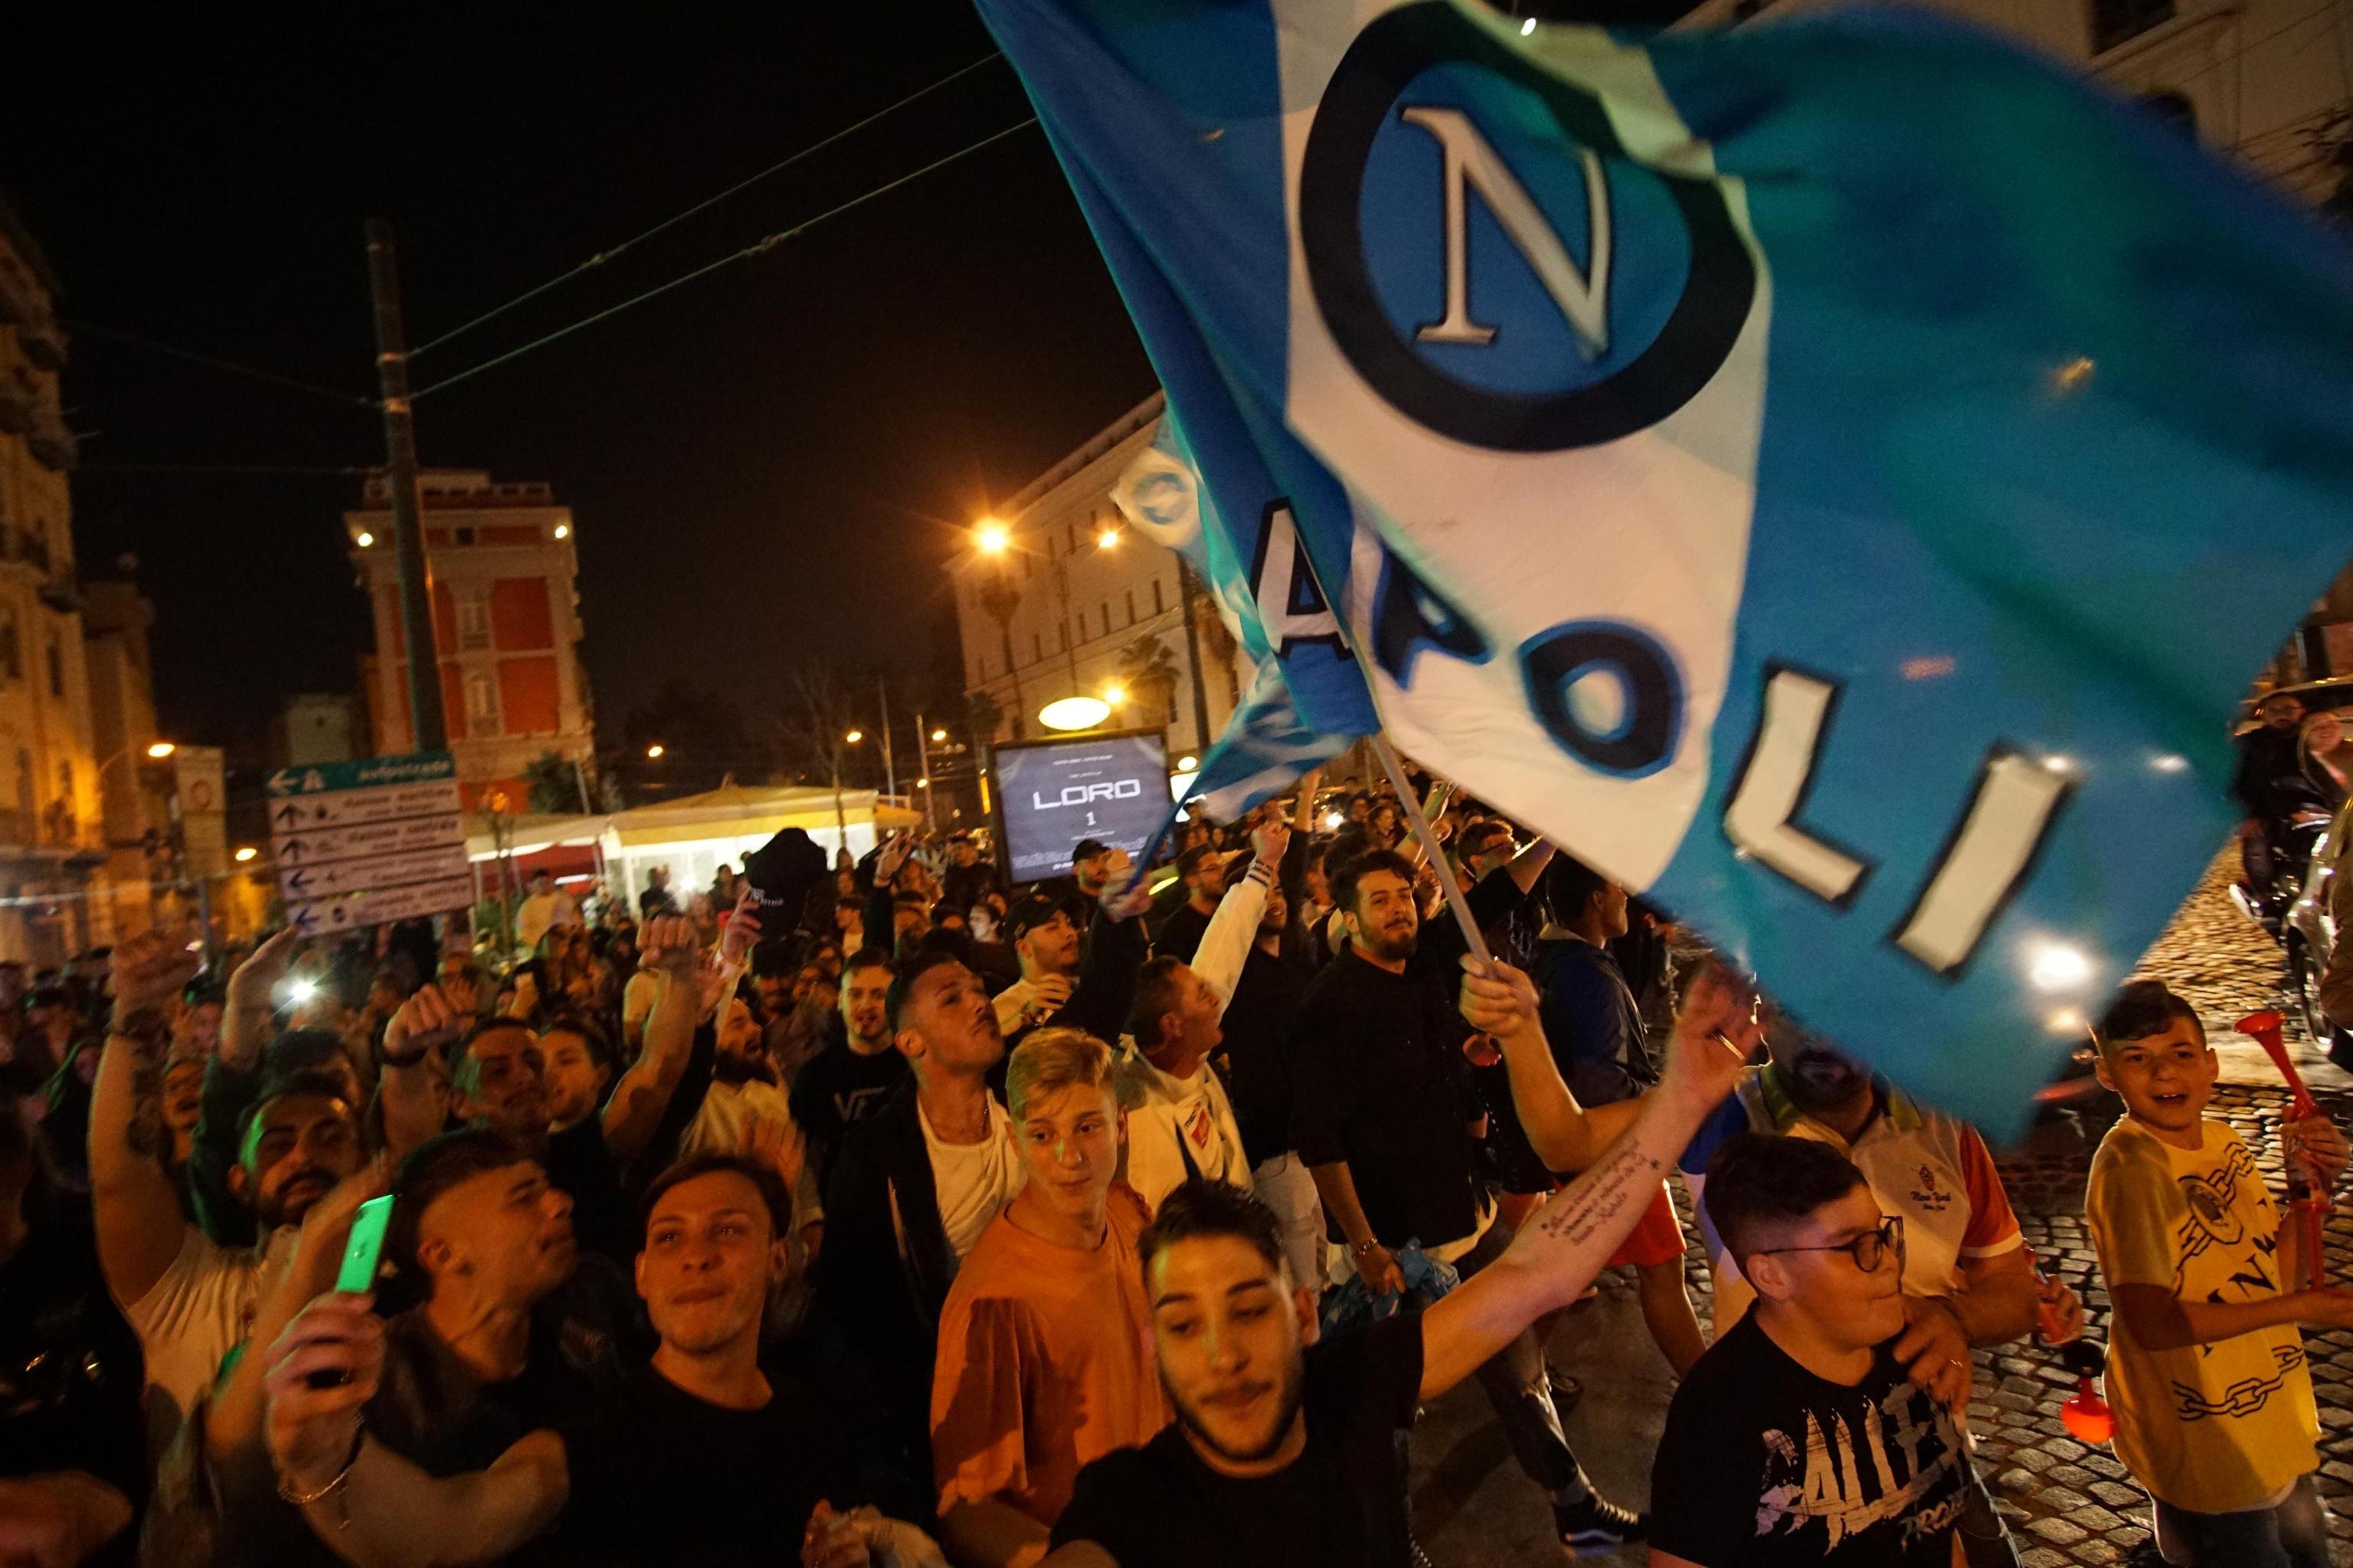 Calcio: Napoli, festeggiamenti in strada in città